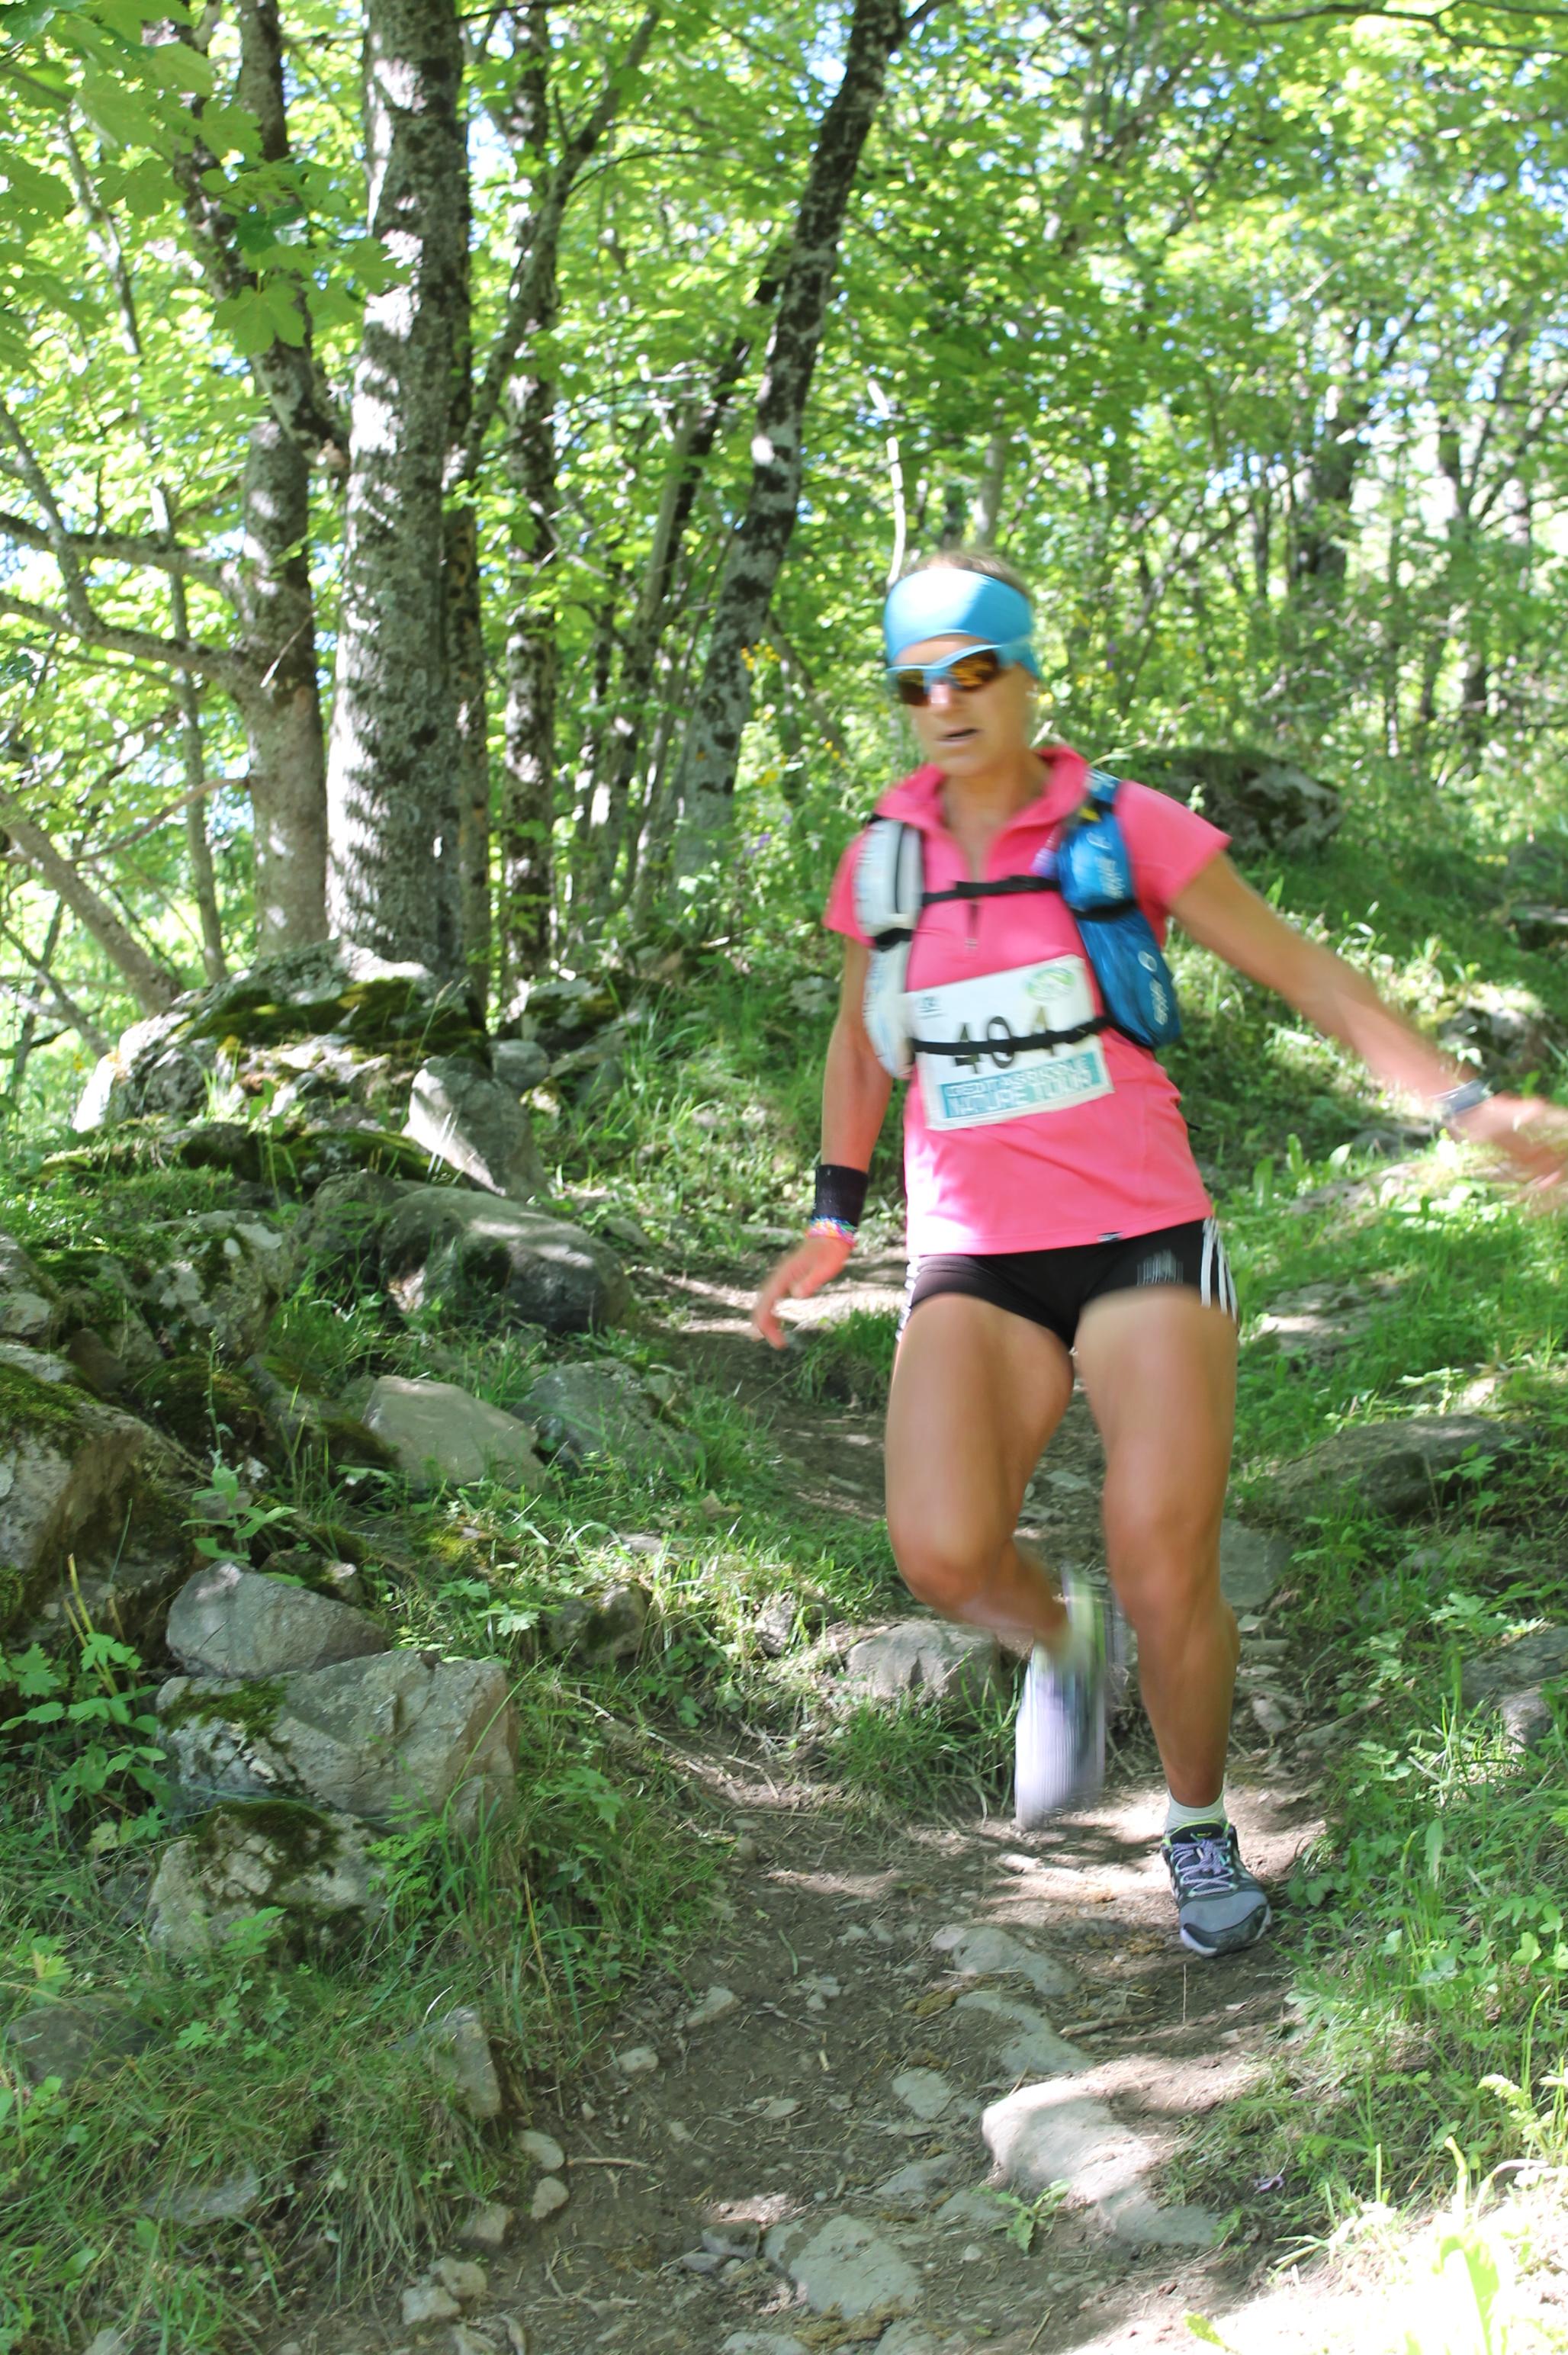 IMG 5098 - Trail du Galibier 2014 : résultats, photos et interview exclusive du vainqueur Ludovic Pommeret (Team Hoka)